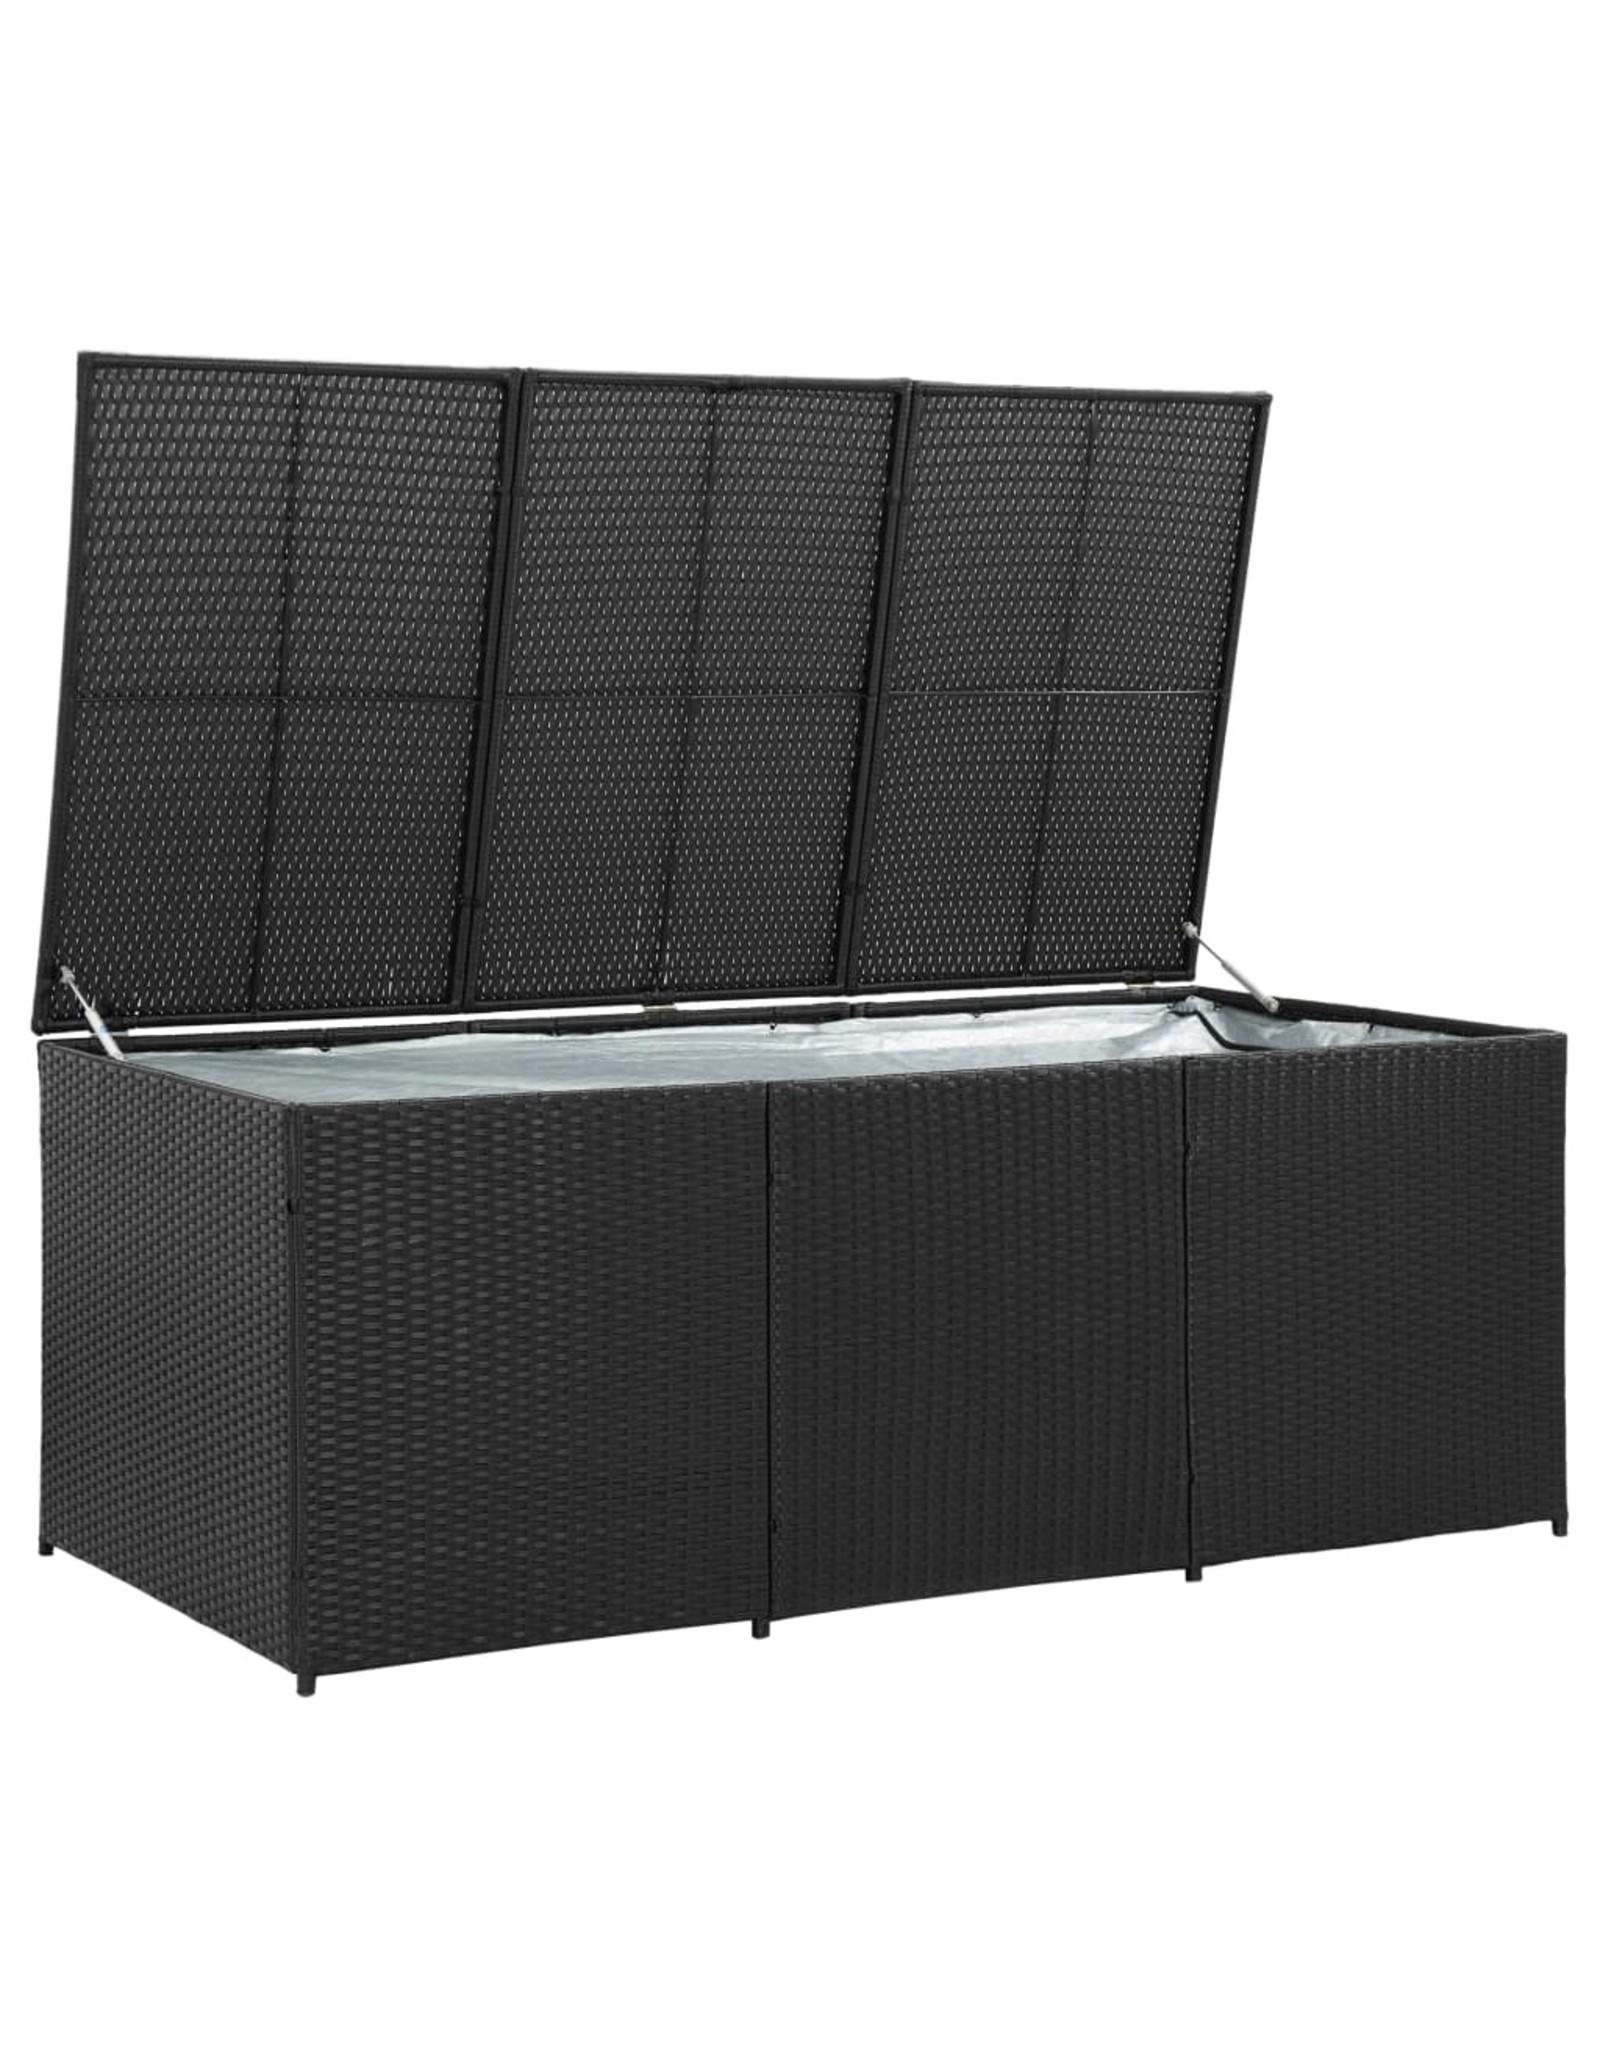 Tuinbox 180x90x75 cm poly rattan zwart